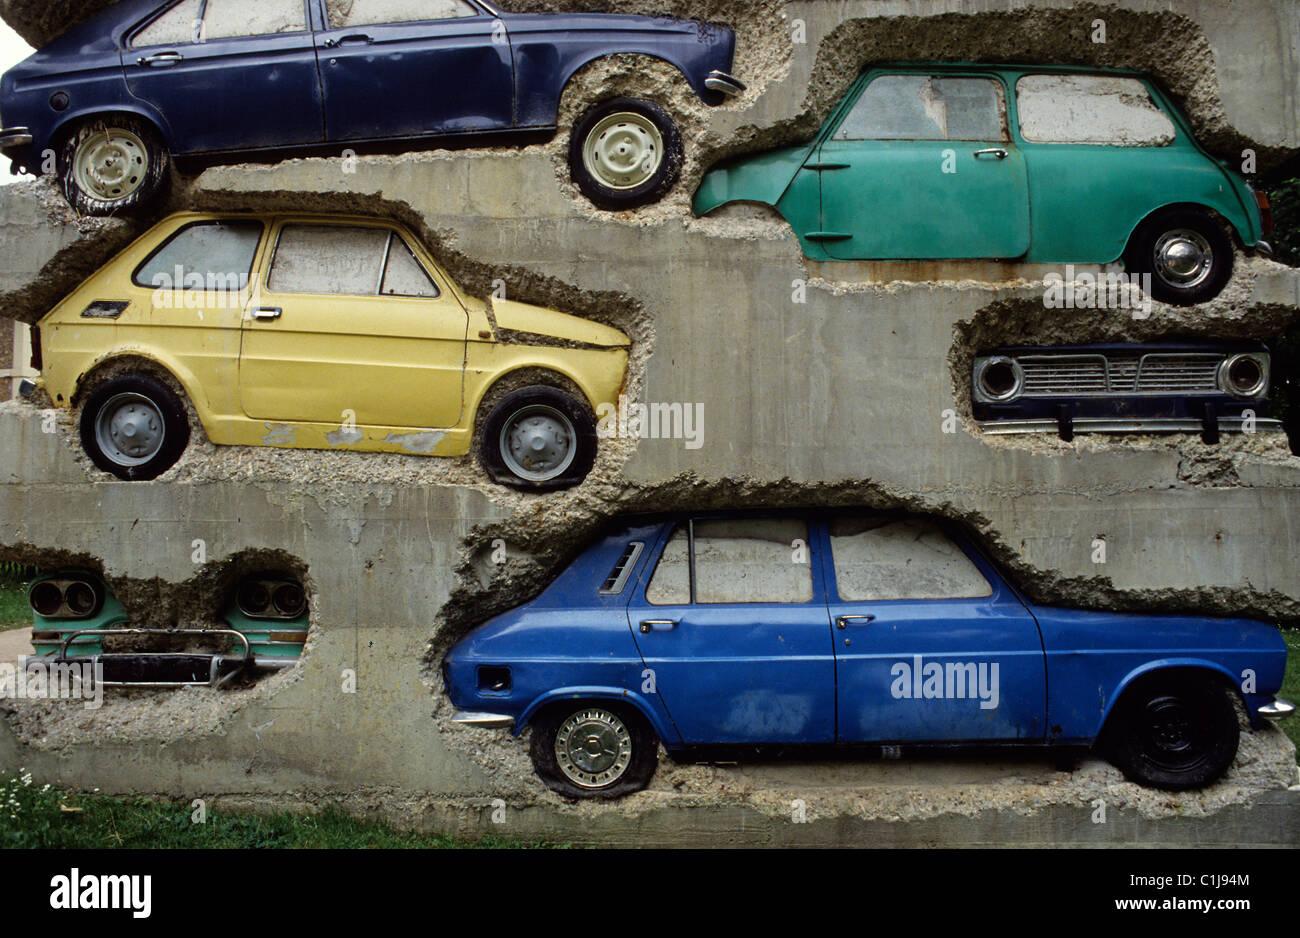 France yvelines jouy en josas long term parking for Garage jouy en josas